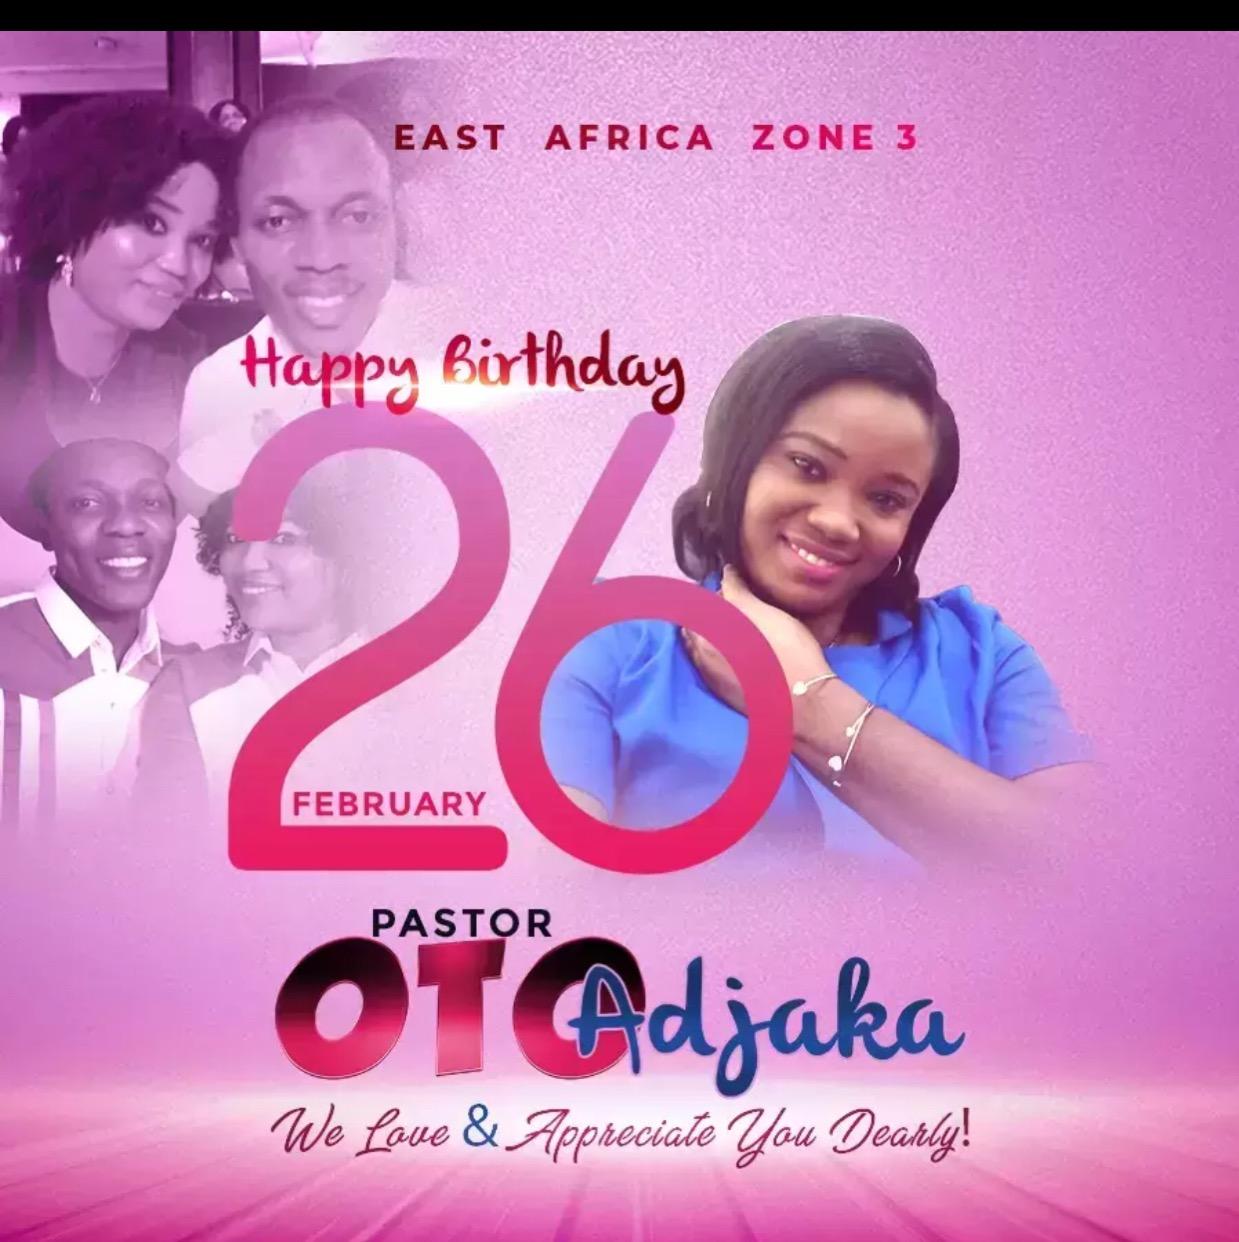 Happy Birthday Dear Pastor Oto-Oto